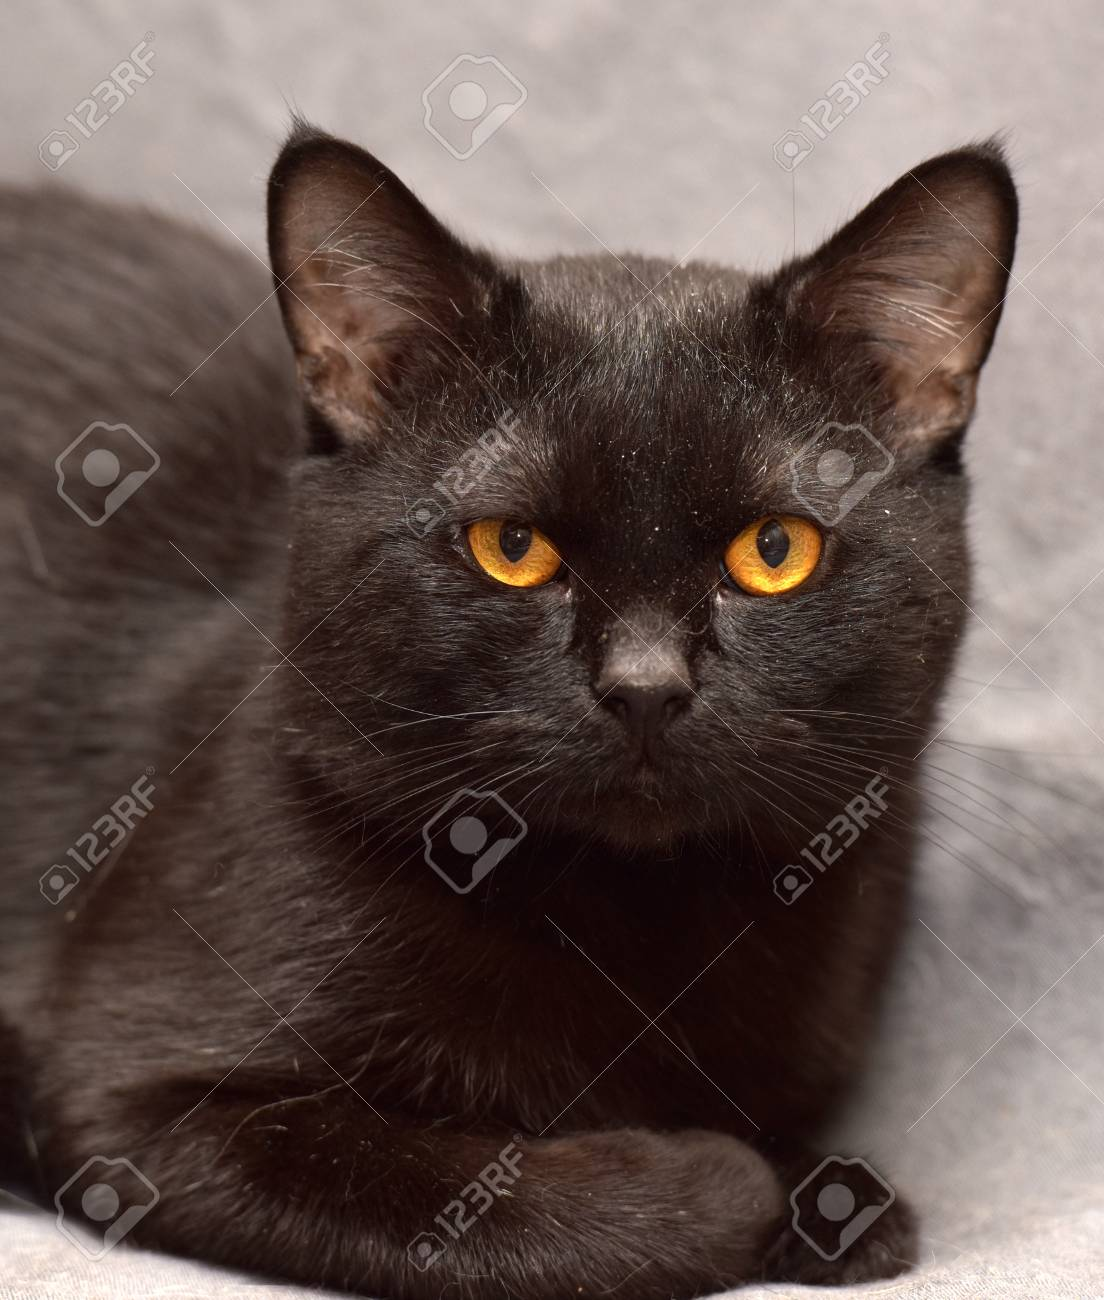 Black cat with orange eyes.